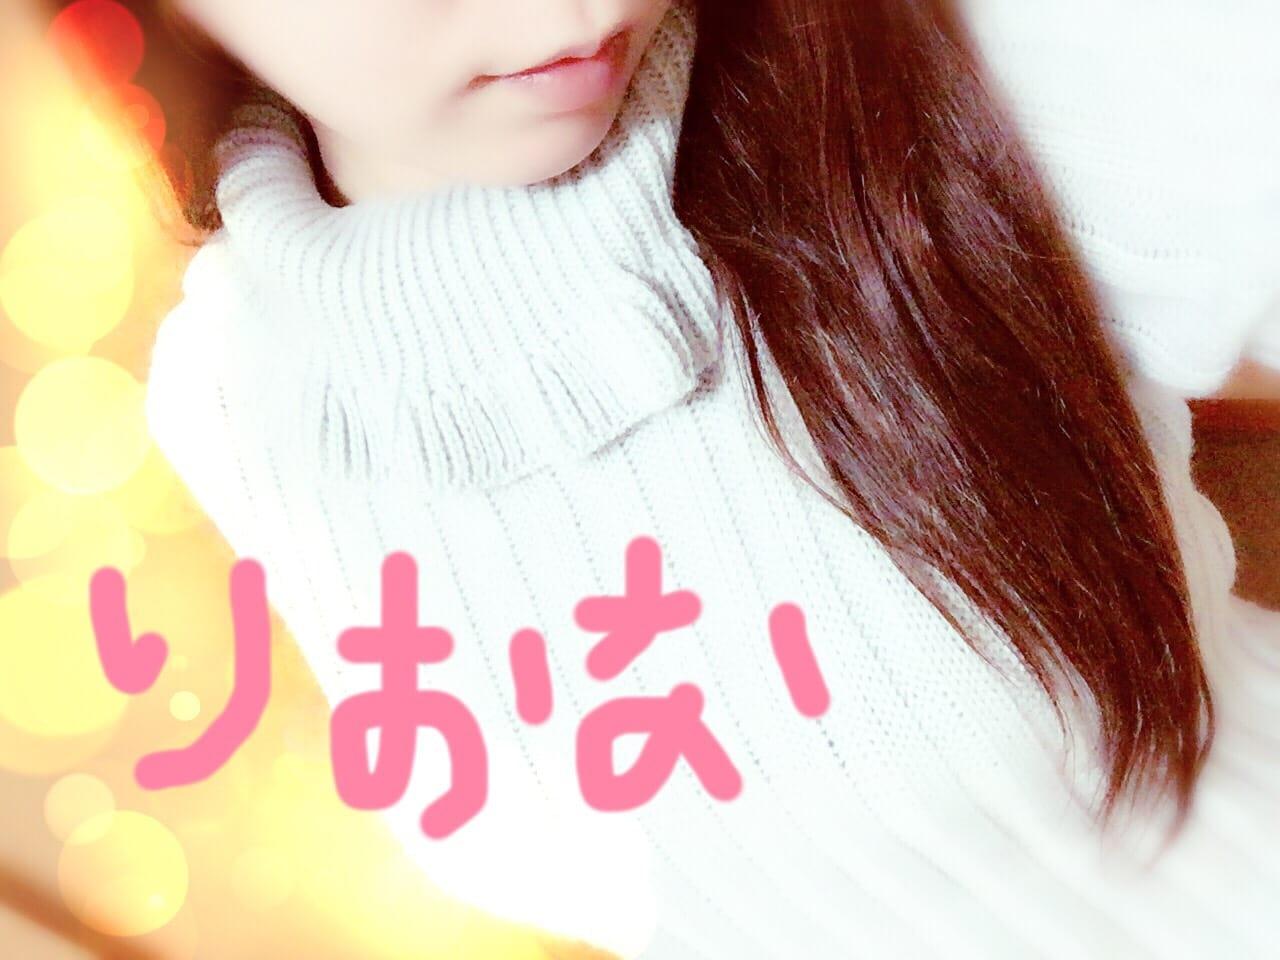 「明日♡」05/10(05/10) 15:19 | りおなの写メ・風俗動画